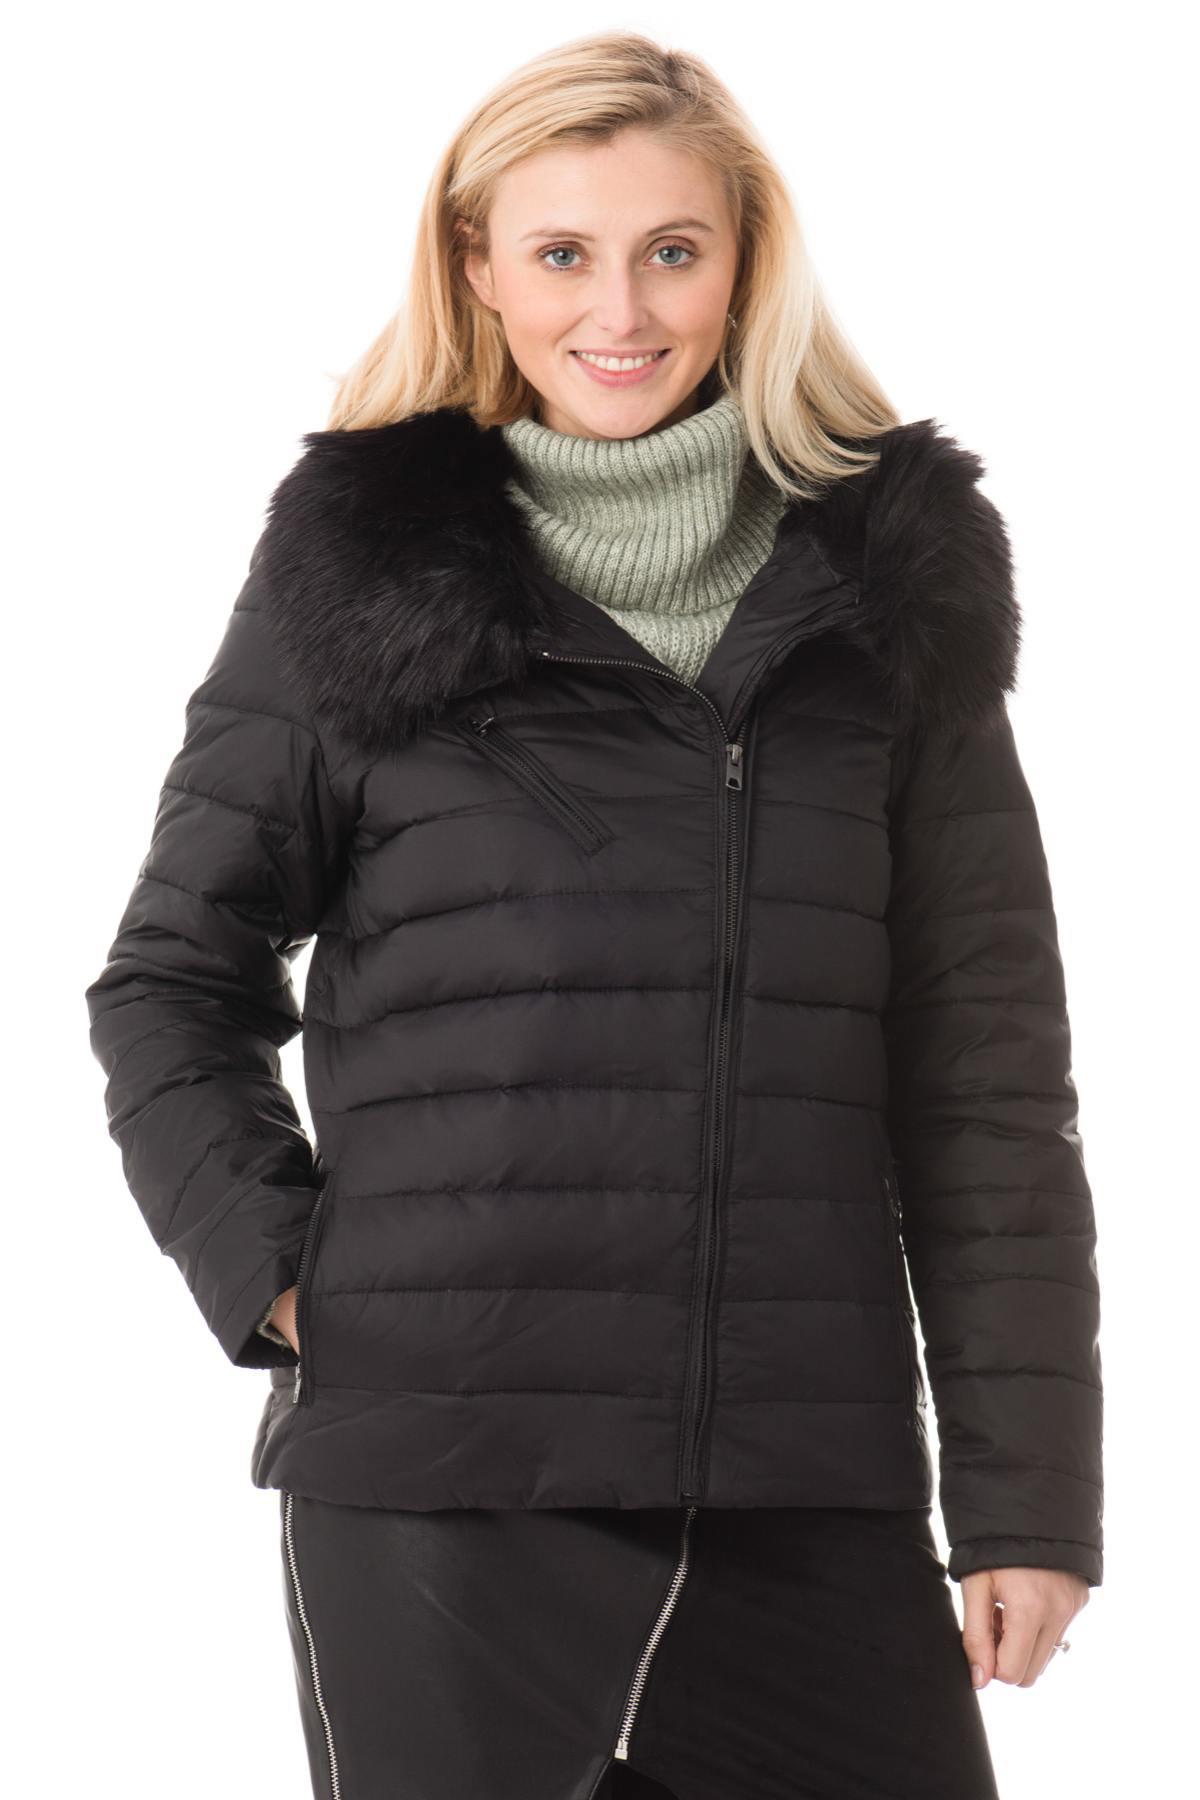 Blouson Femme Schott JKTPERFFUR1W BLACK Cuir – spécialiste du cuir